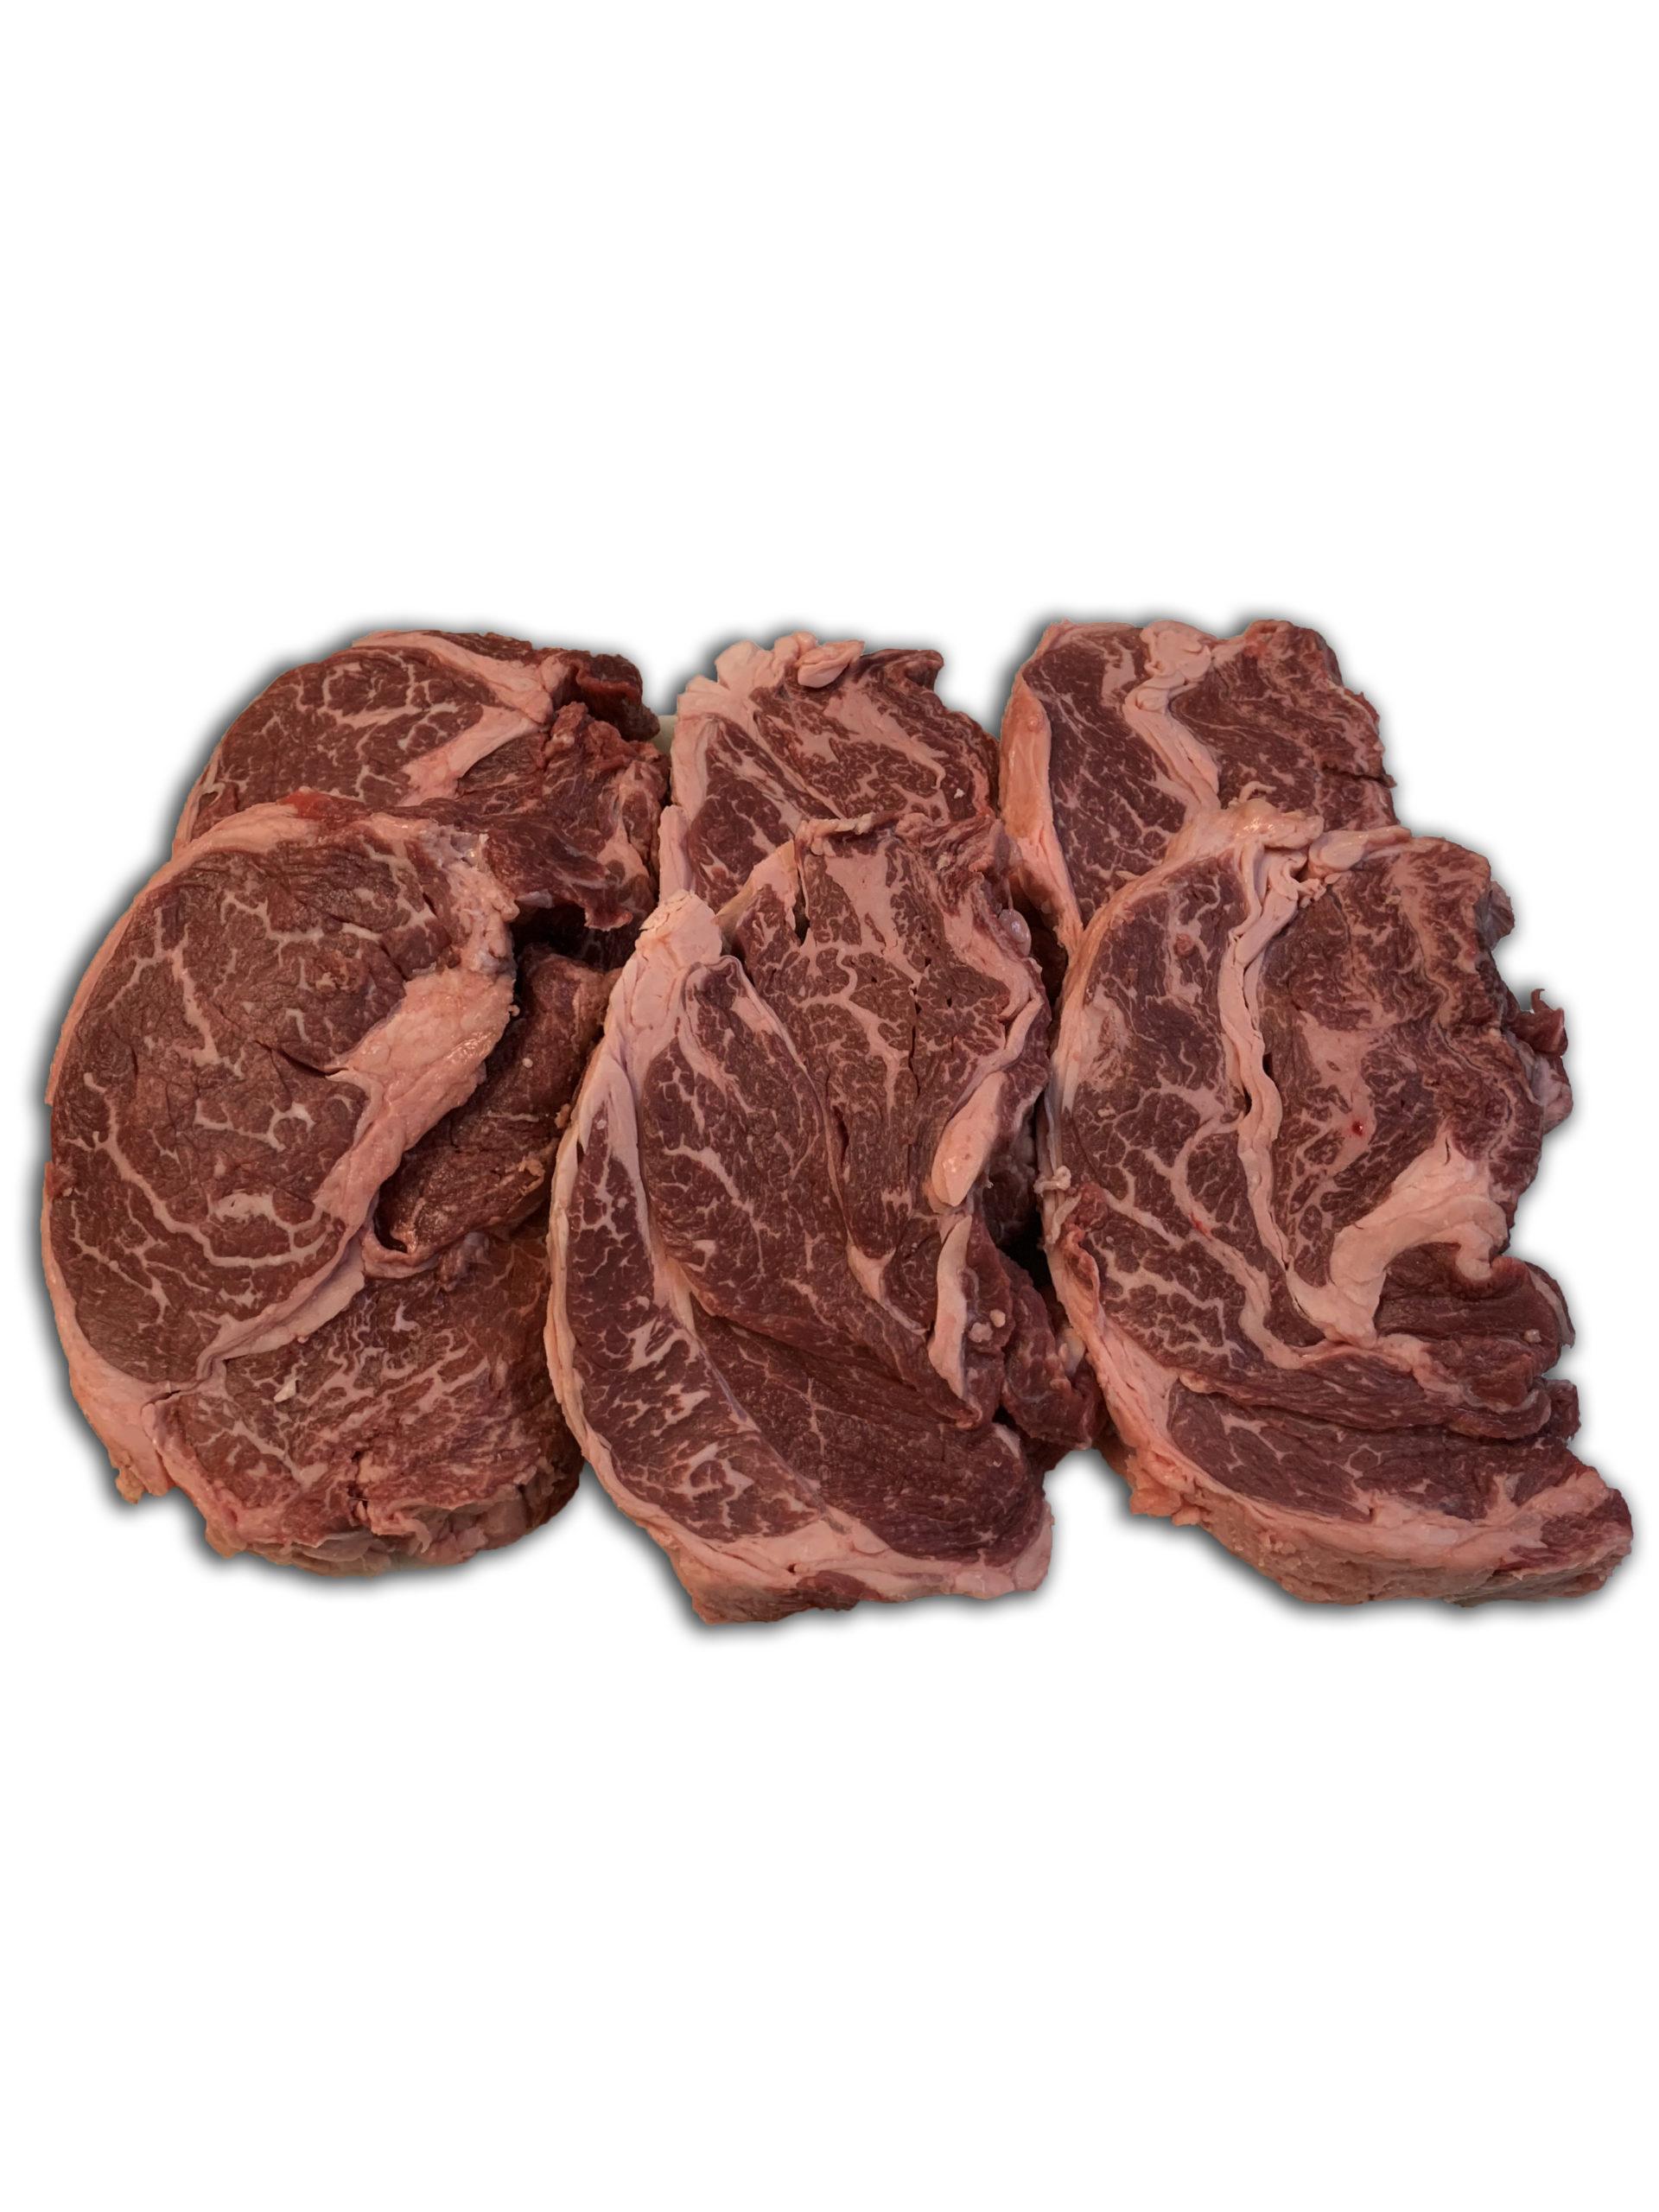 Delmonico Steak, Glatt kosher